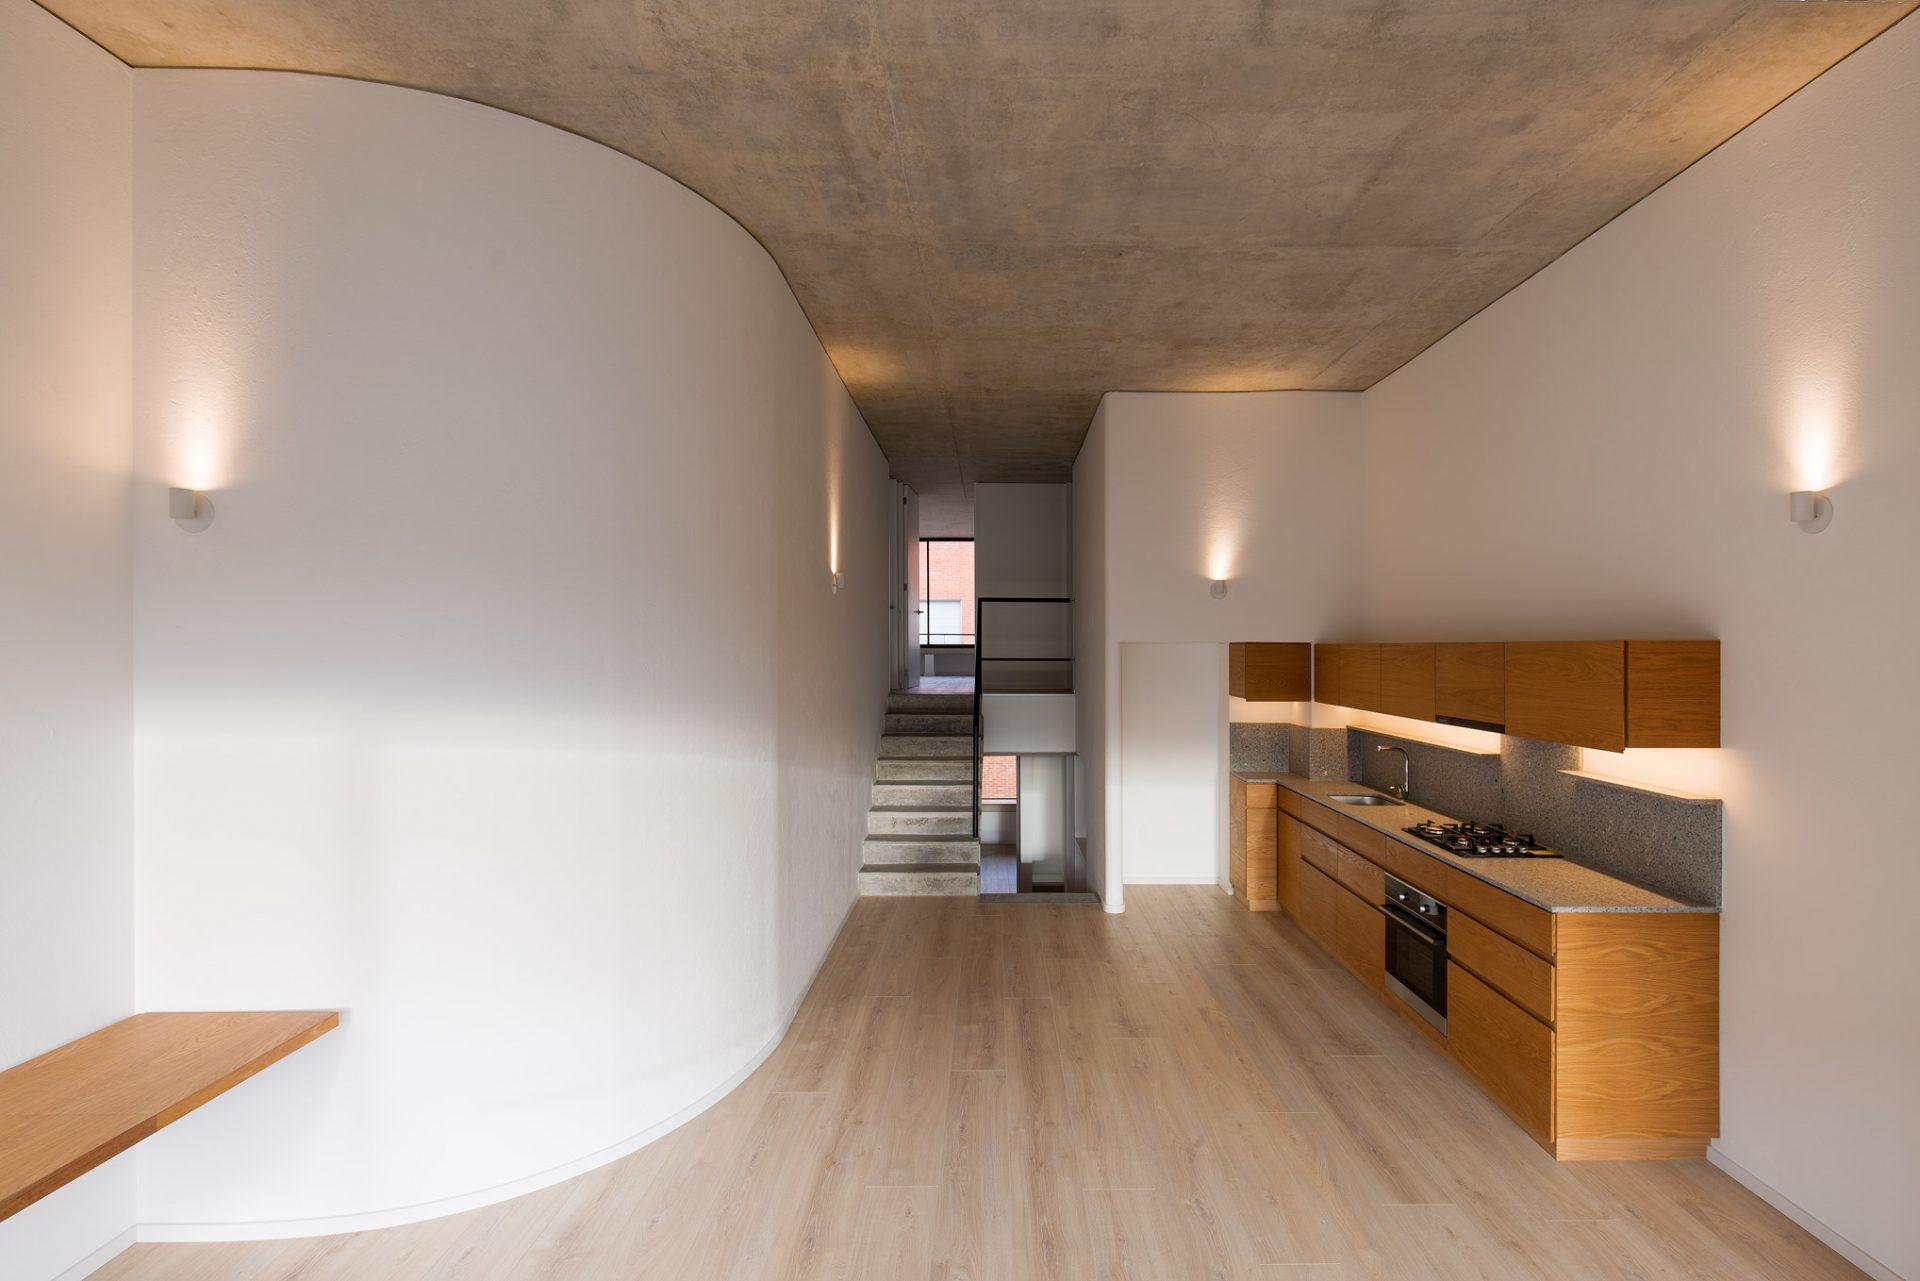 02.oberleander.arquitectos.arquitectura.architecture.interior.bogota.simon.bosch.photography